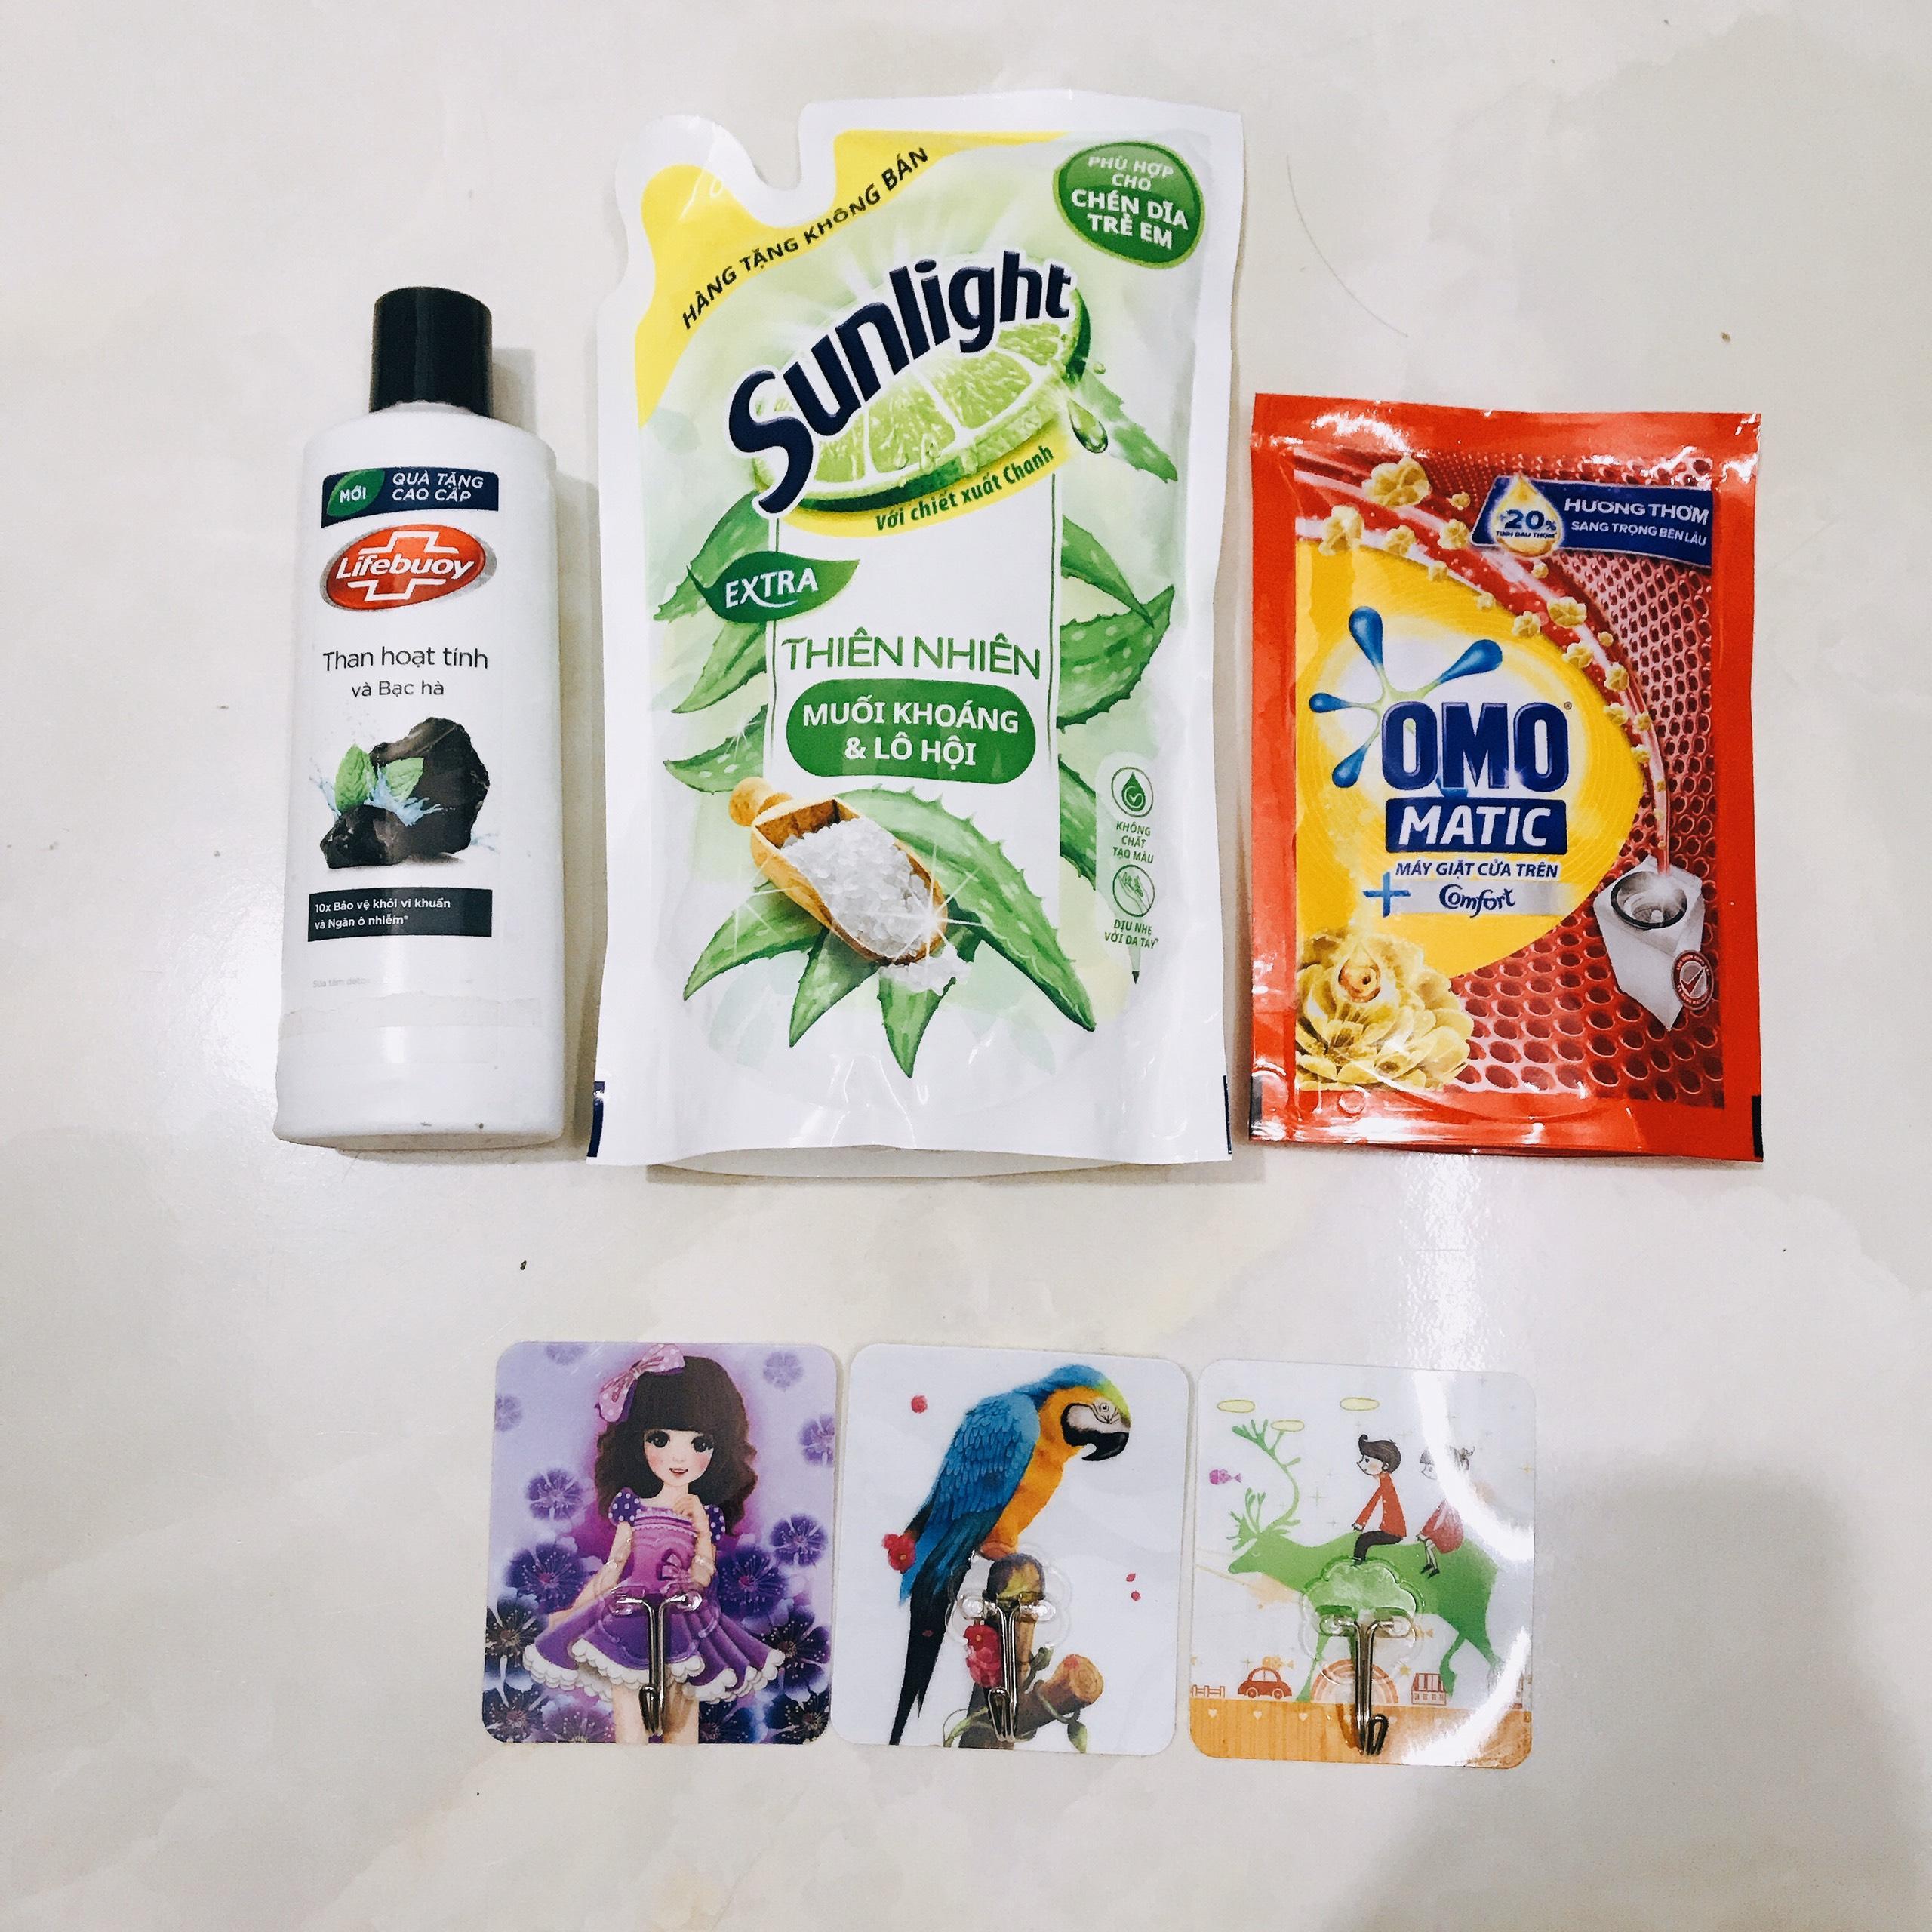 Mua trọn bộ 3 món - Tặng 3 móc dán tường siêu dính :  1Chai Sữa Tắm Dexto Lifebuoy 200g & 1túi nước rửa chén 550g & 1 túi nước giặt omo 150g/túi (HÀNG KM) cao cấp